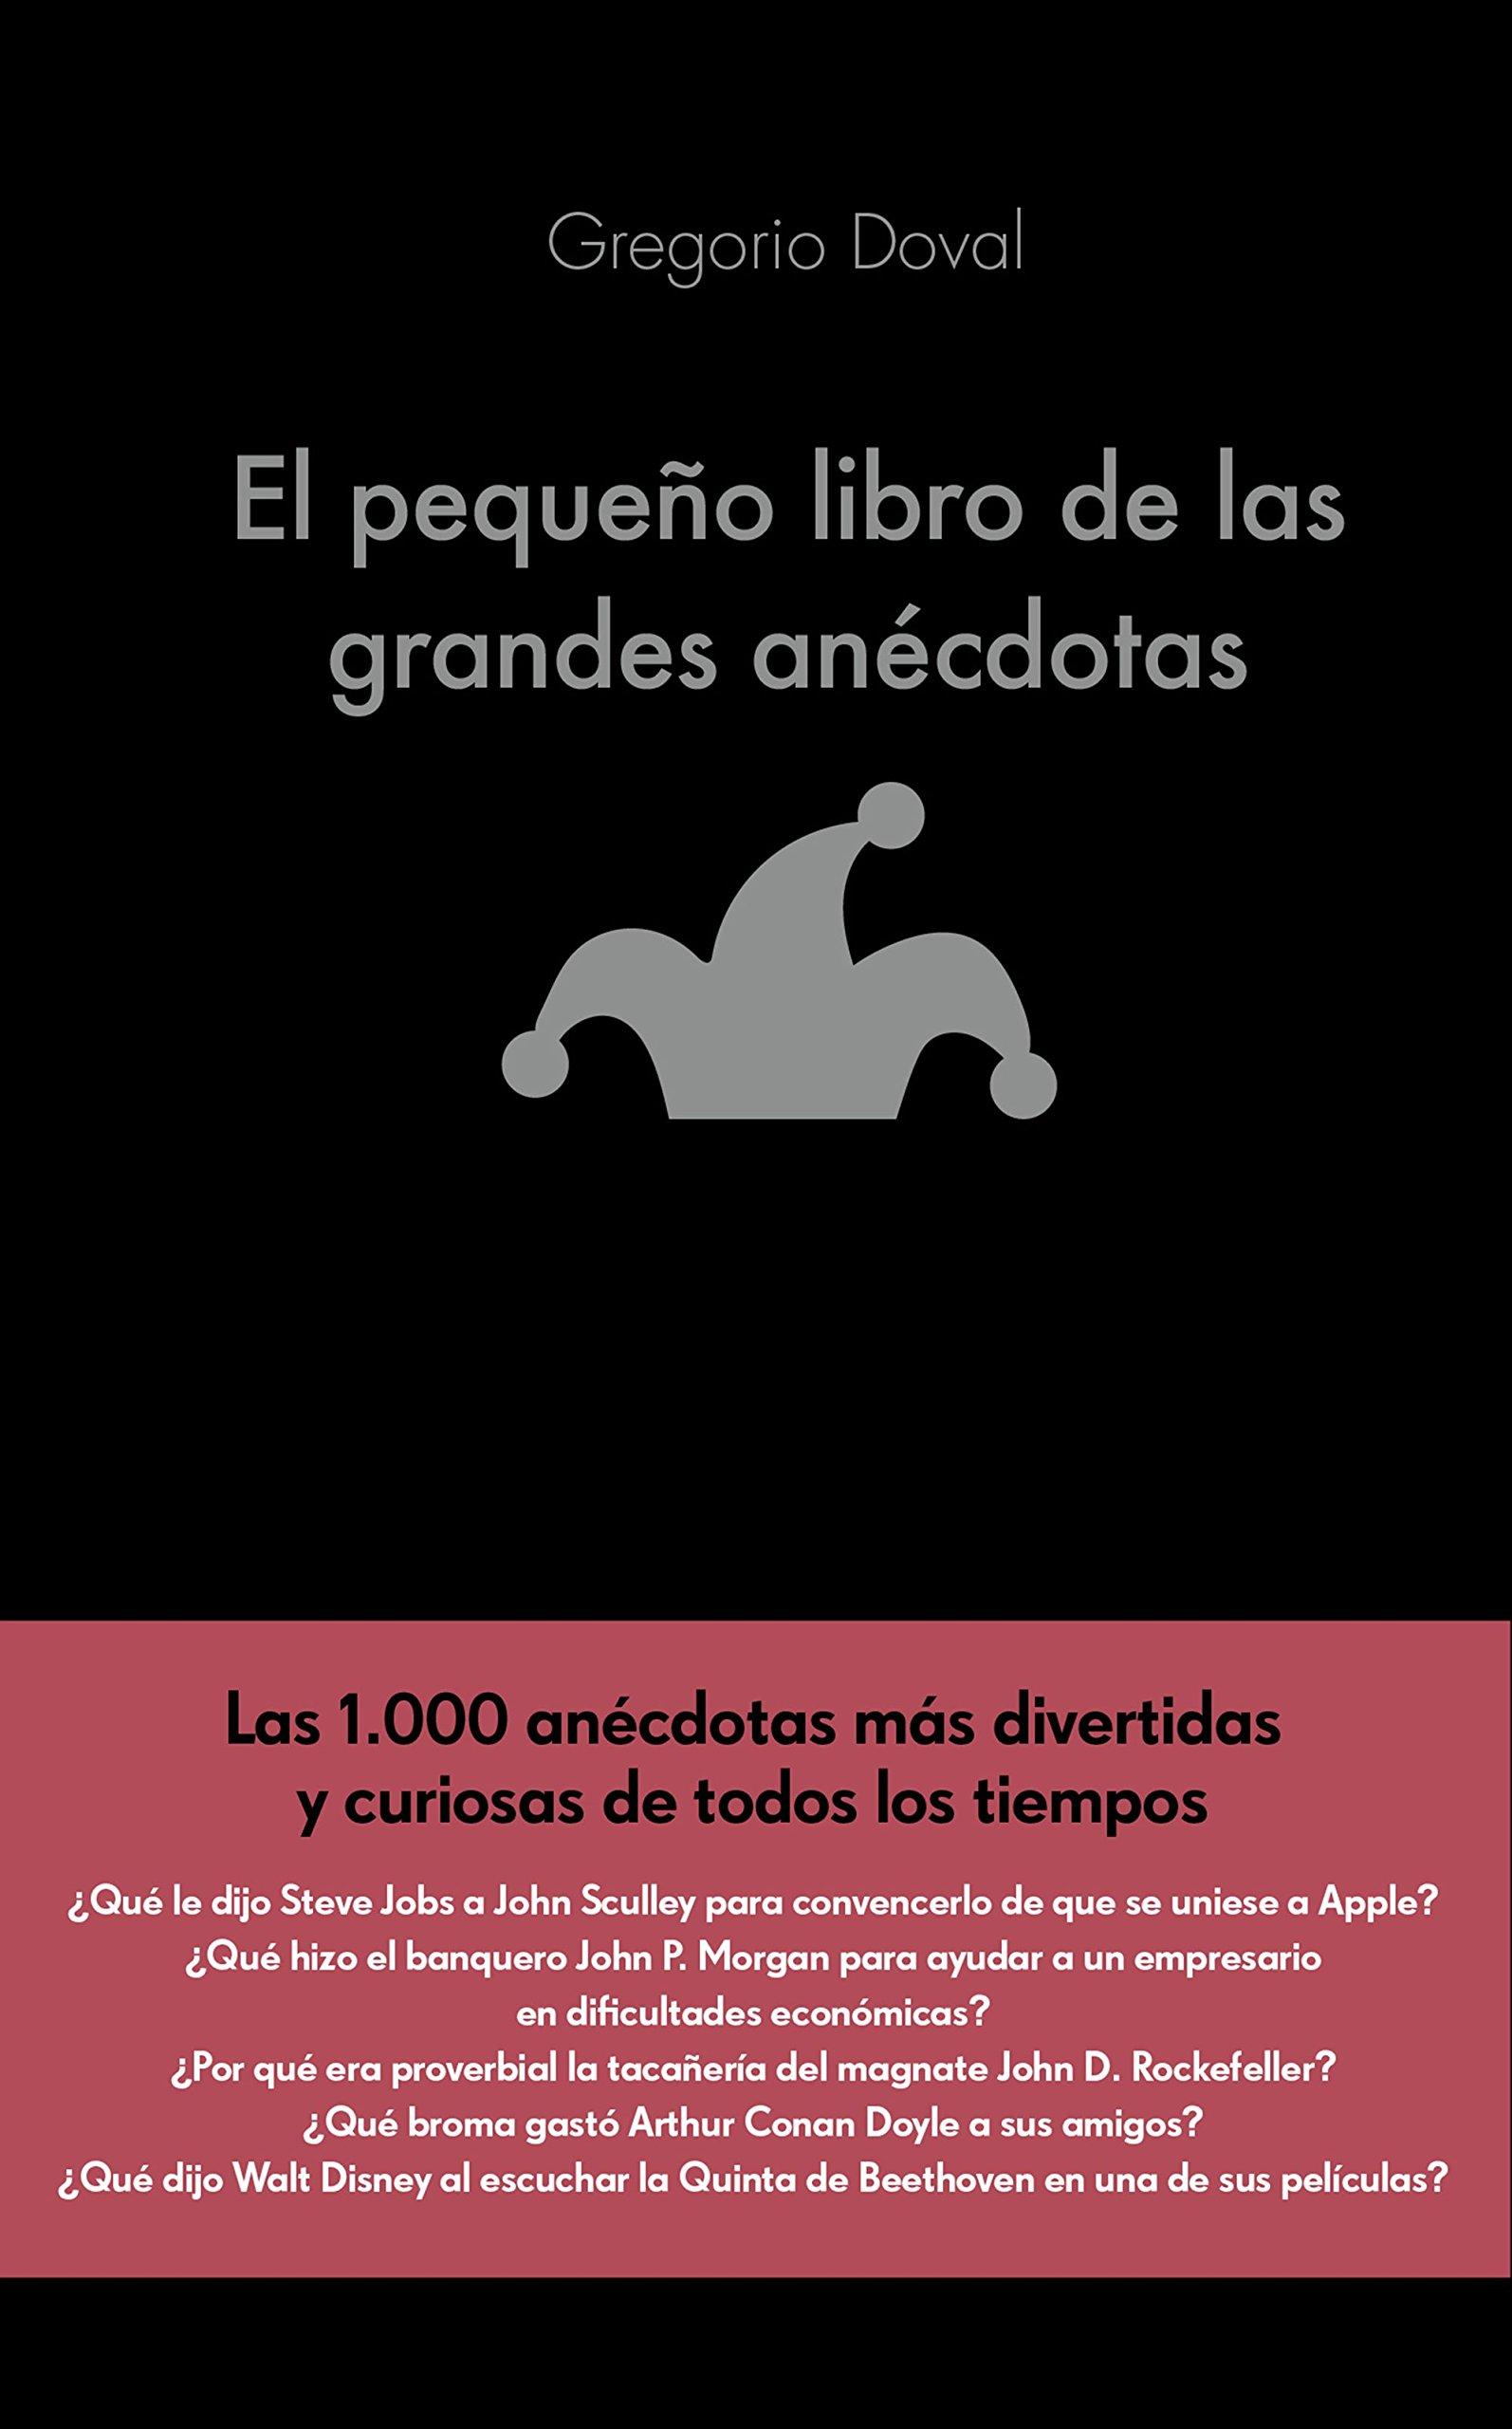 El pequeño libro de las grandes anécdotas: Las 1.000 anécdotas más divertidas y curiosas de todos los tiempos COLECCION ALIENTA: Amazon.es: Gregorio Doval ...